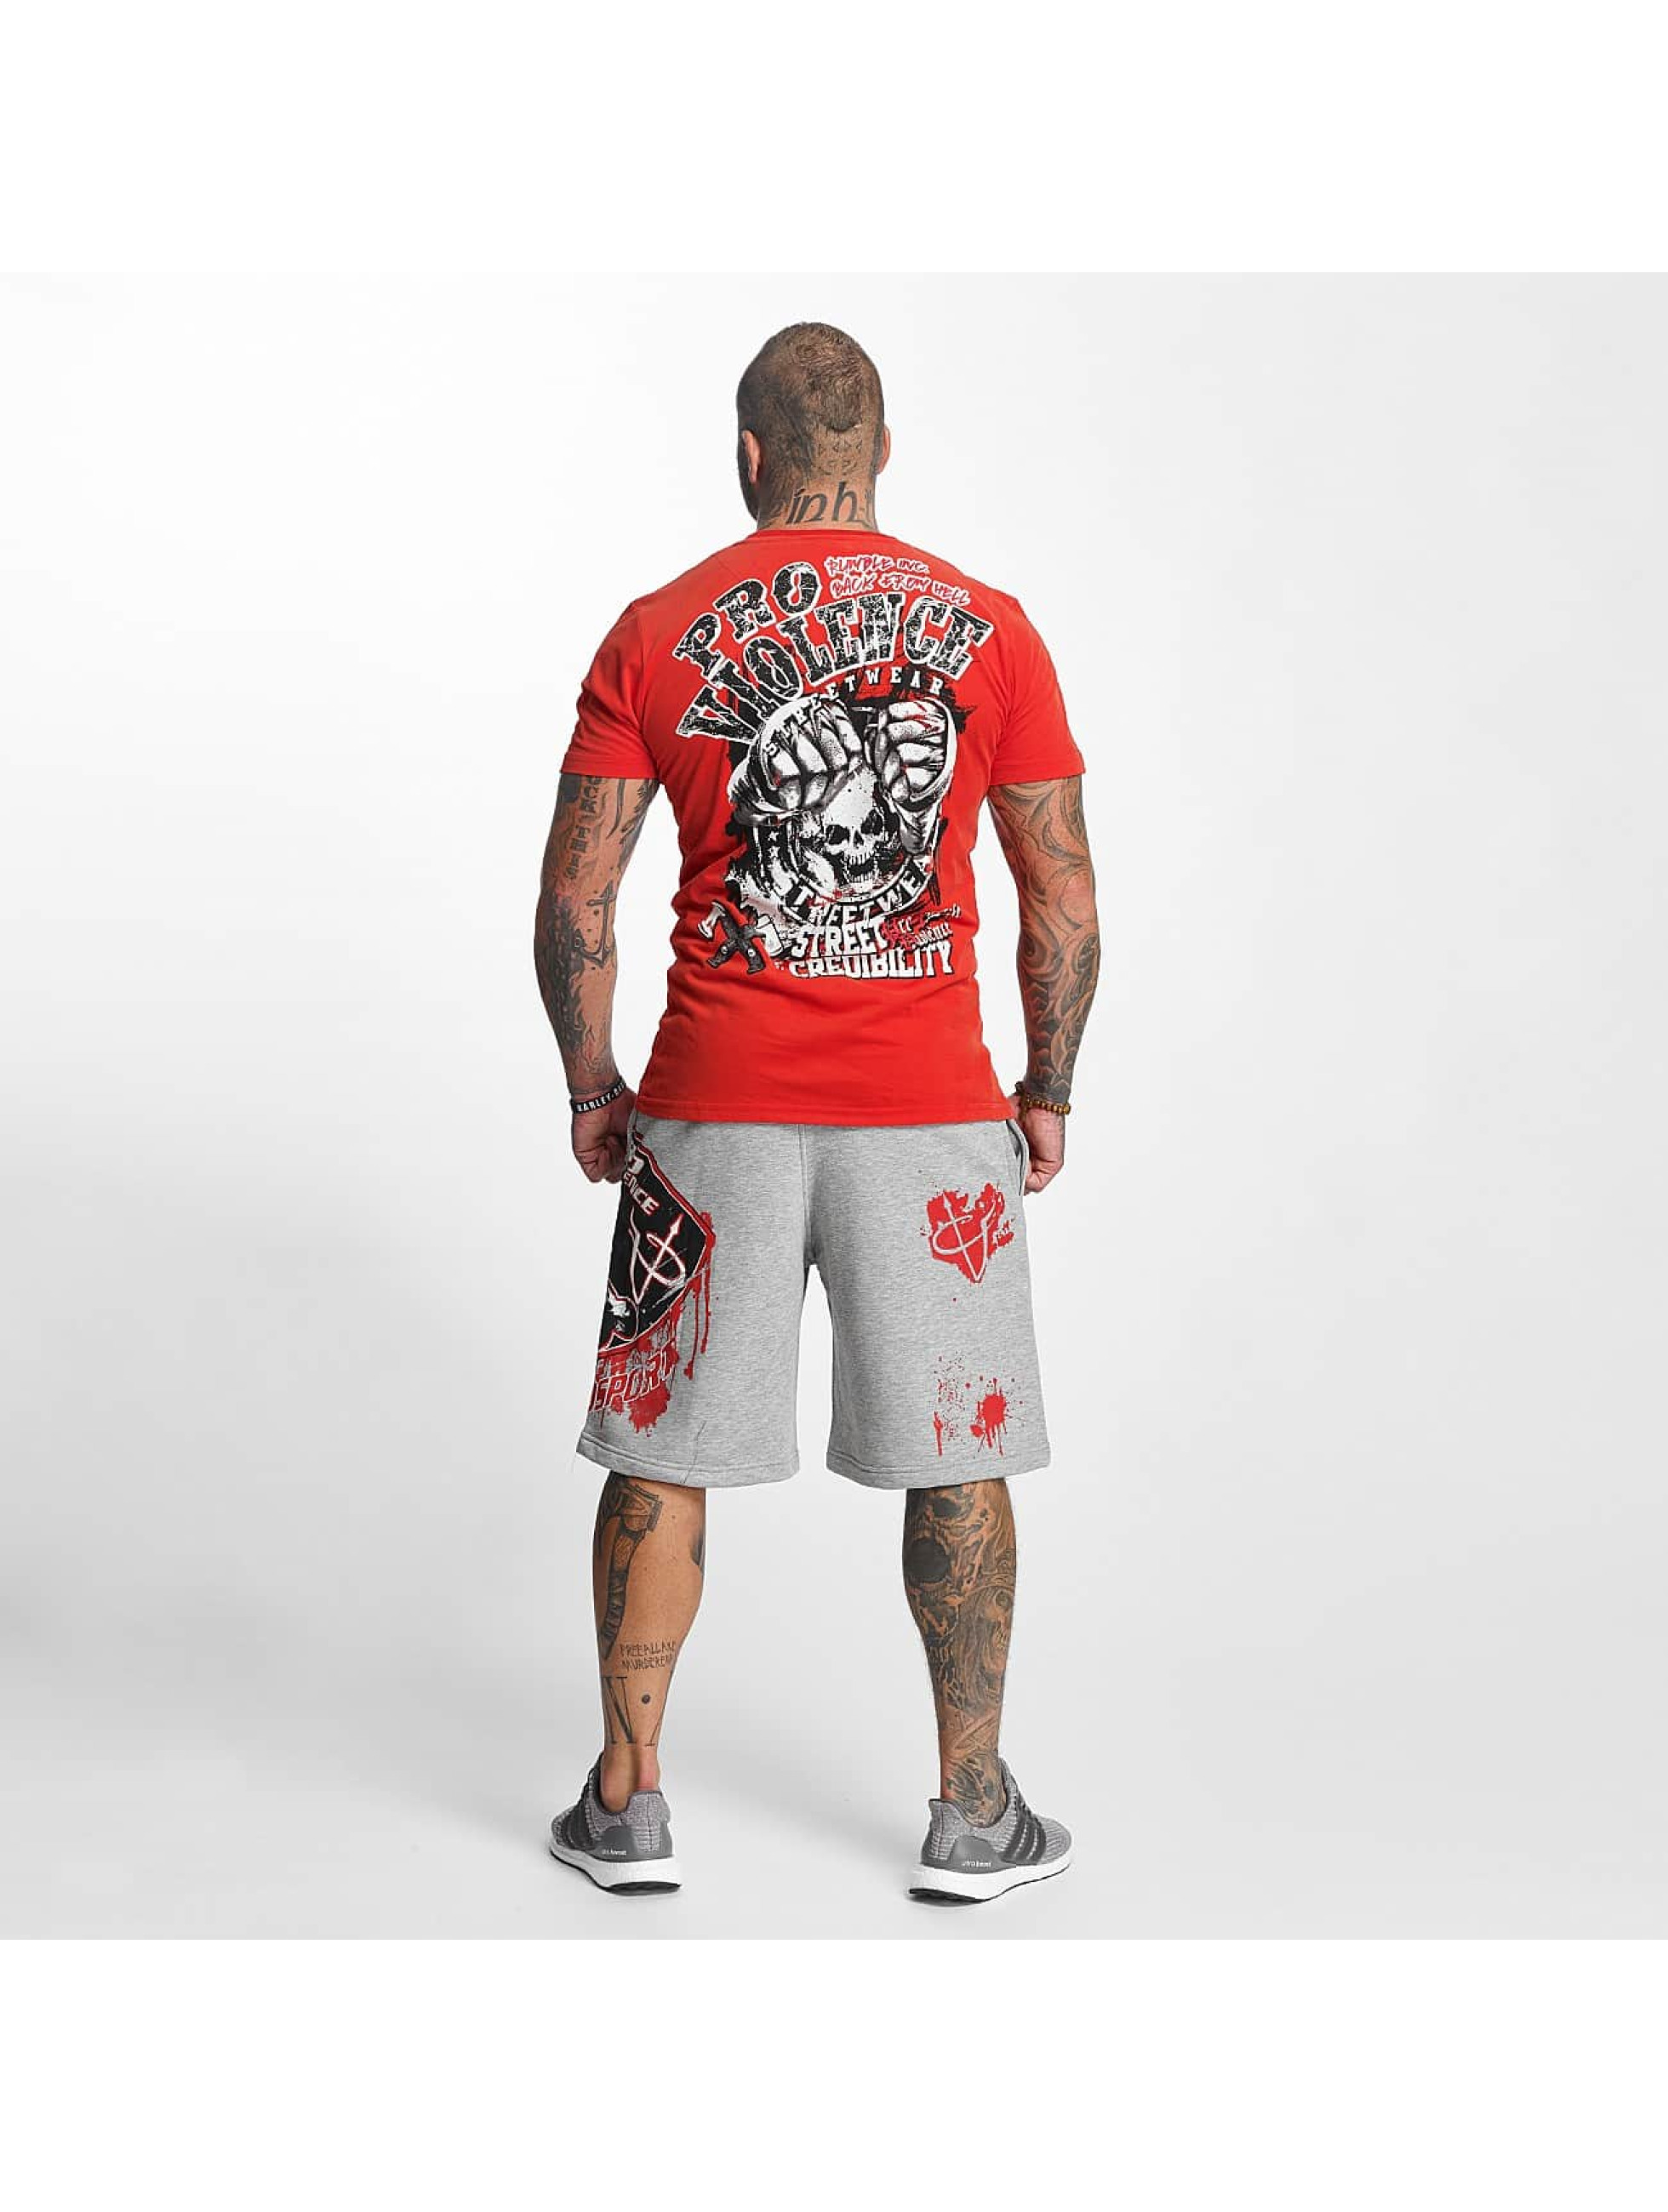 Pro Violence Streetwear T-skjorter Street Ceidbilty red